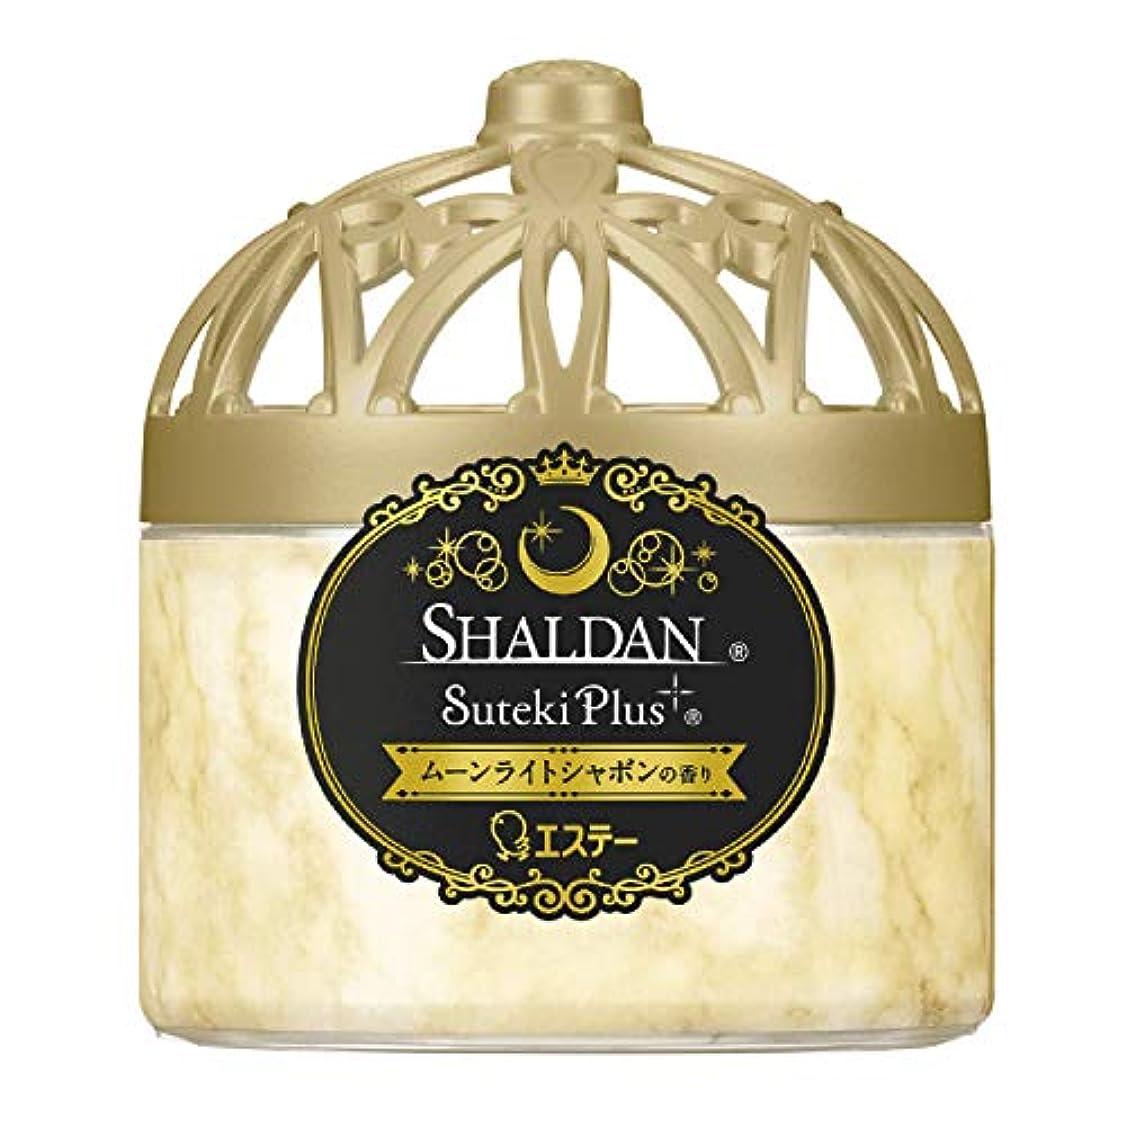 必要性シルク形状エステー SHALDAN ステキプラス ムーンライトシャボンの香り 260g